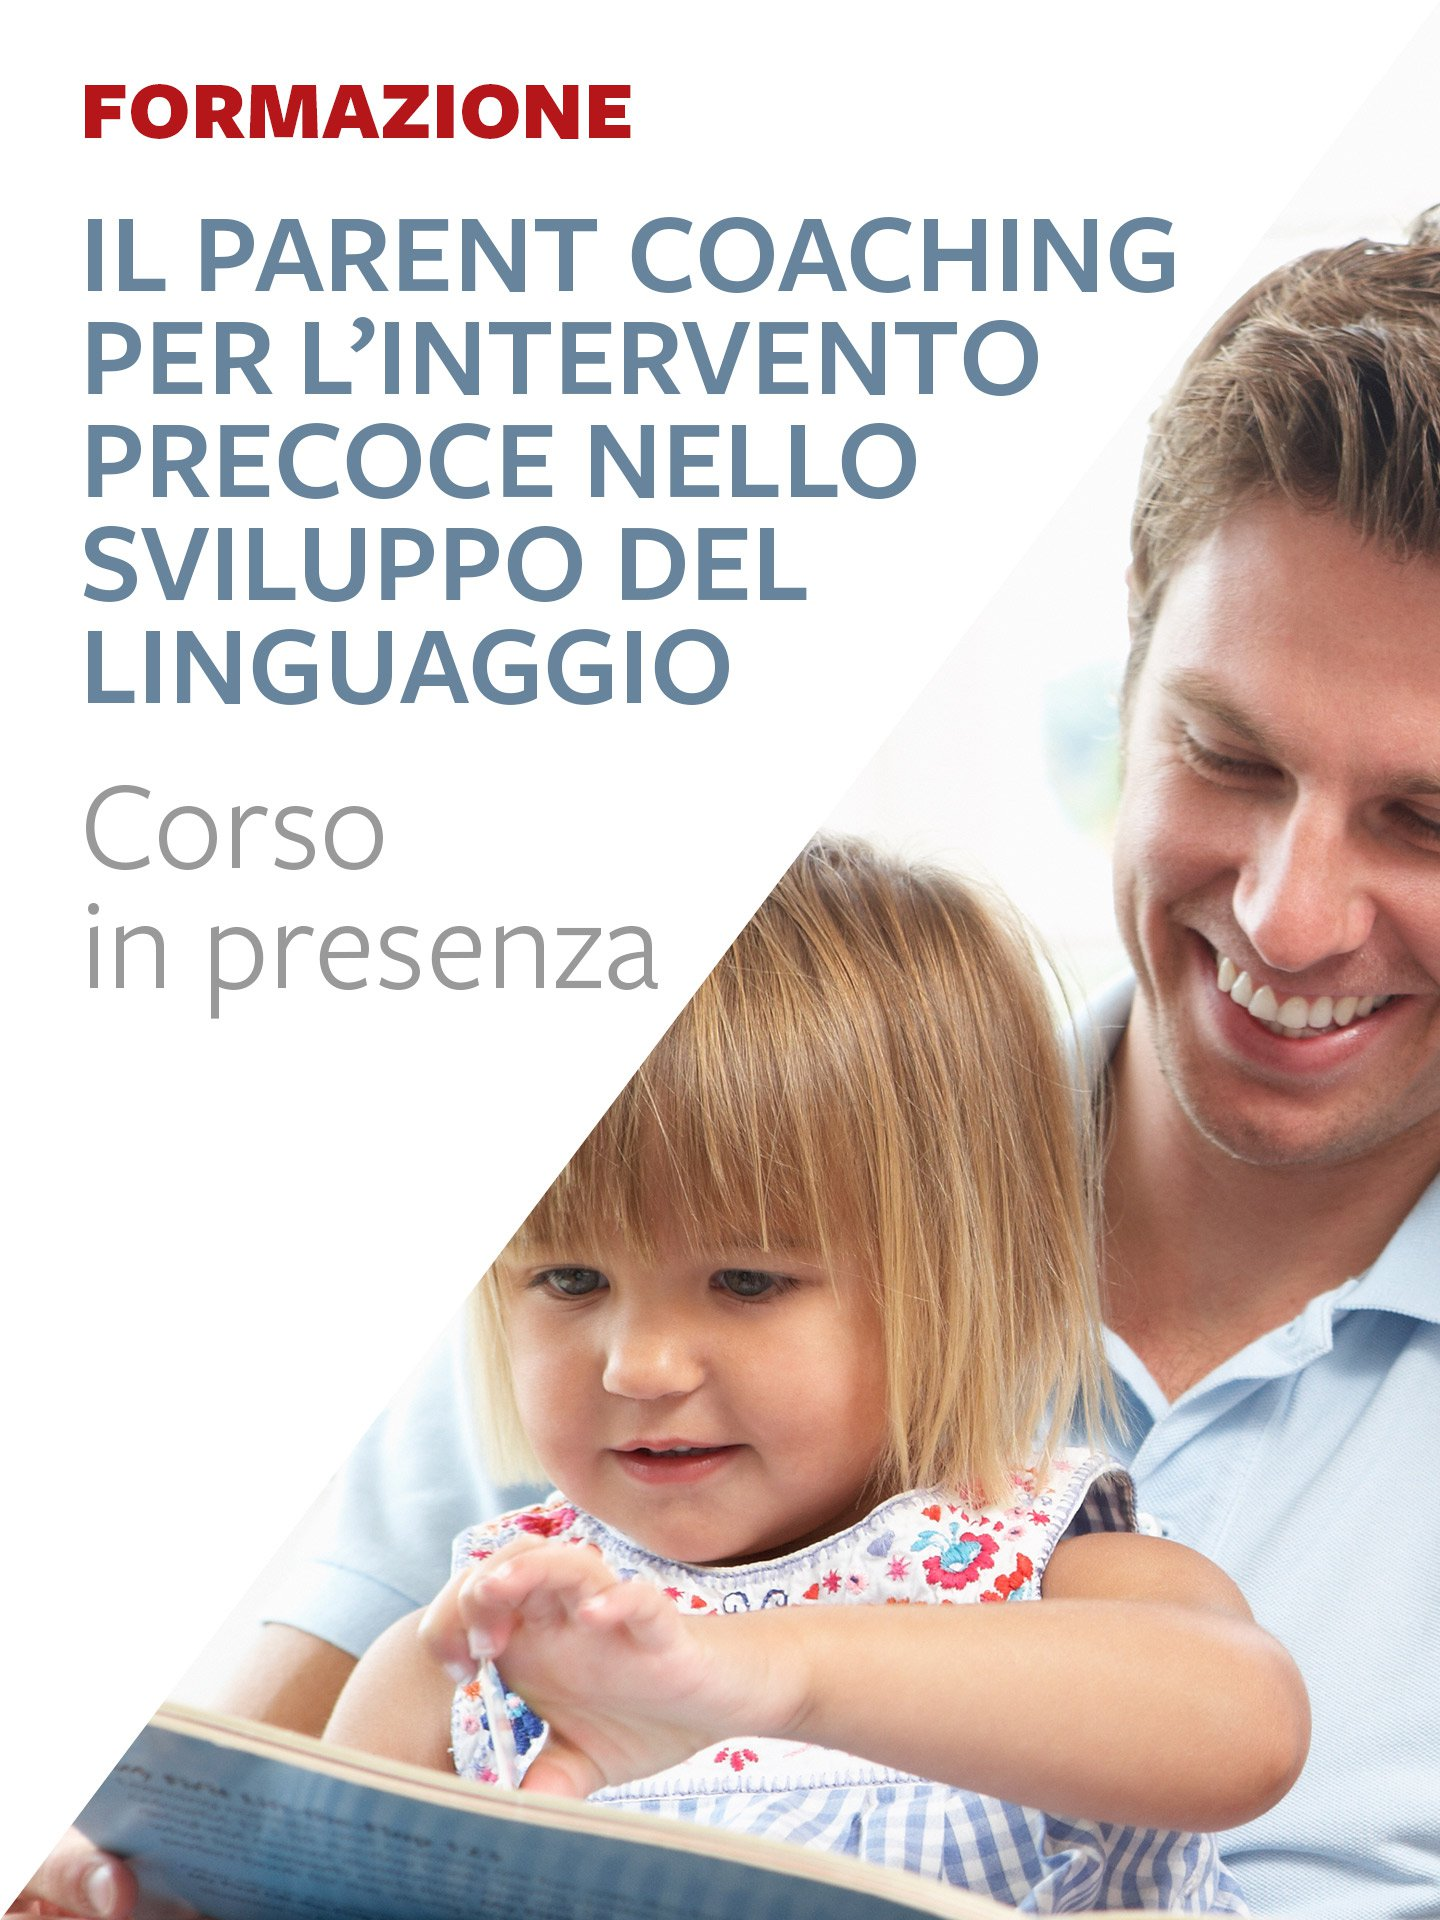 Il Parent Coaching per l'intervento precoce nello sviluppo del linguaggio - Erickson: libri e formazione per didattica, psicologia e sociale